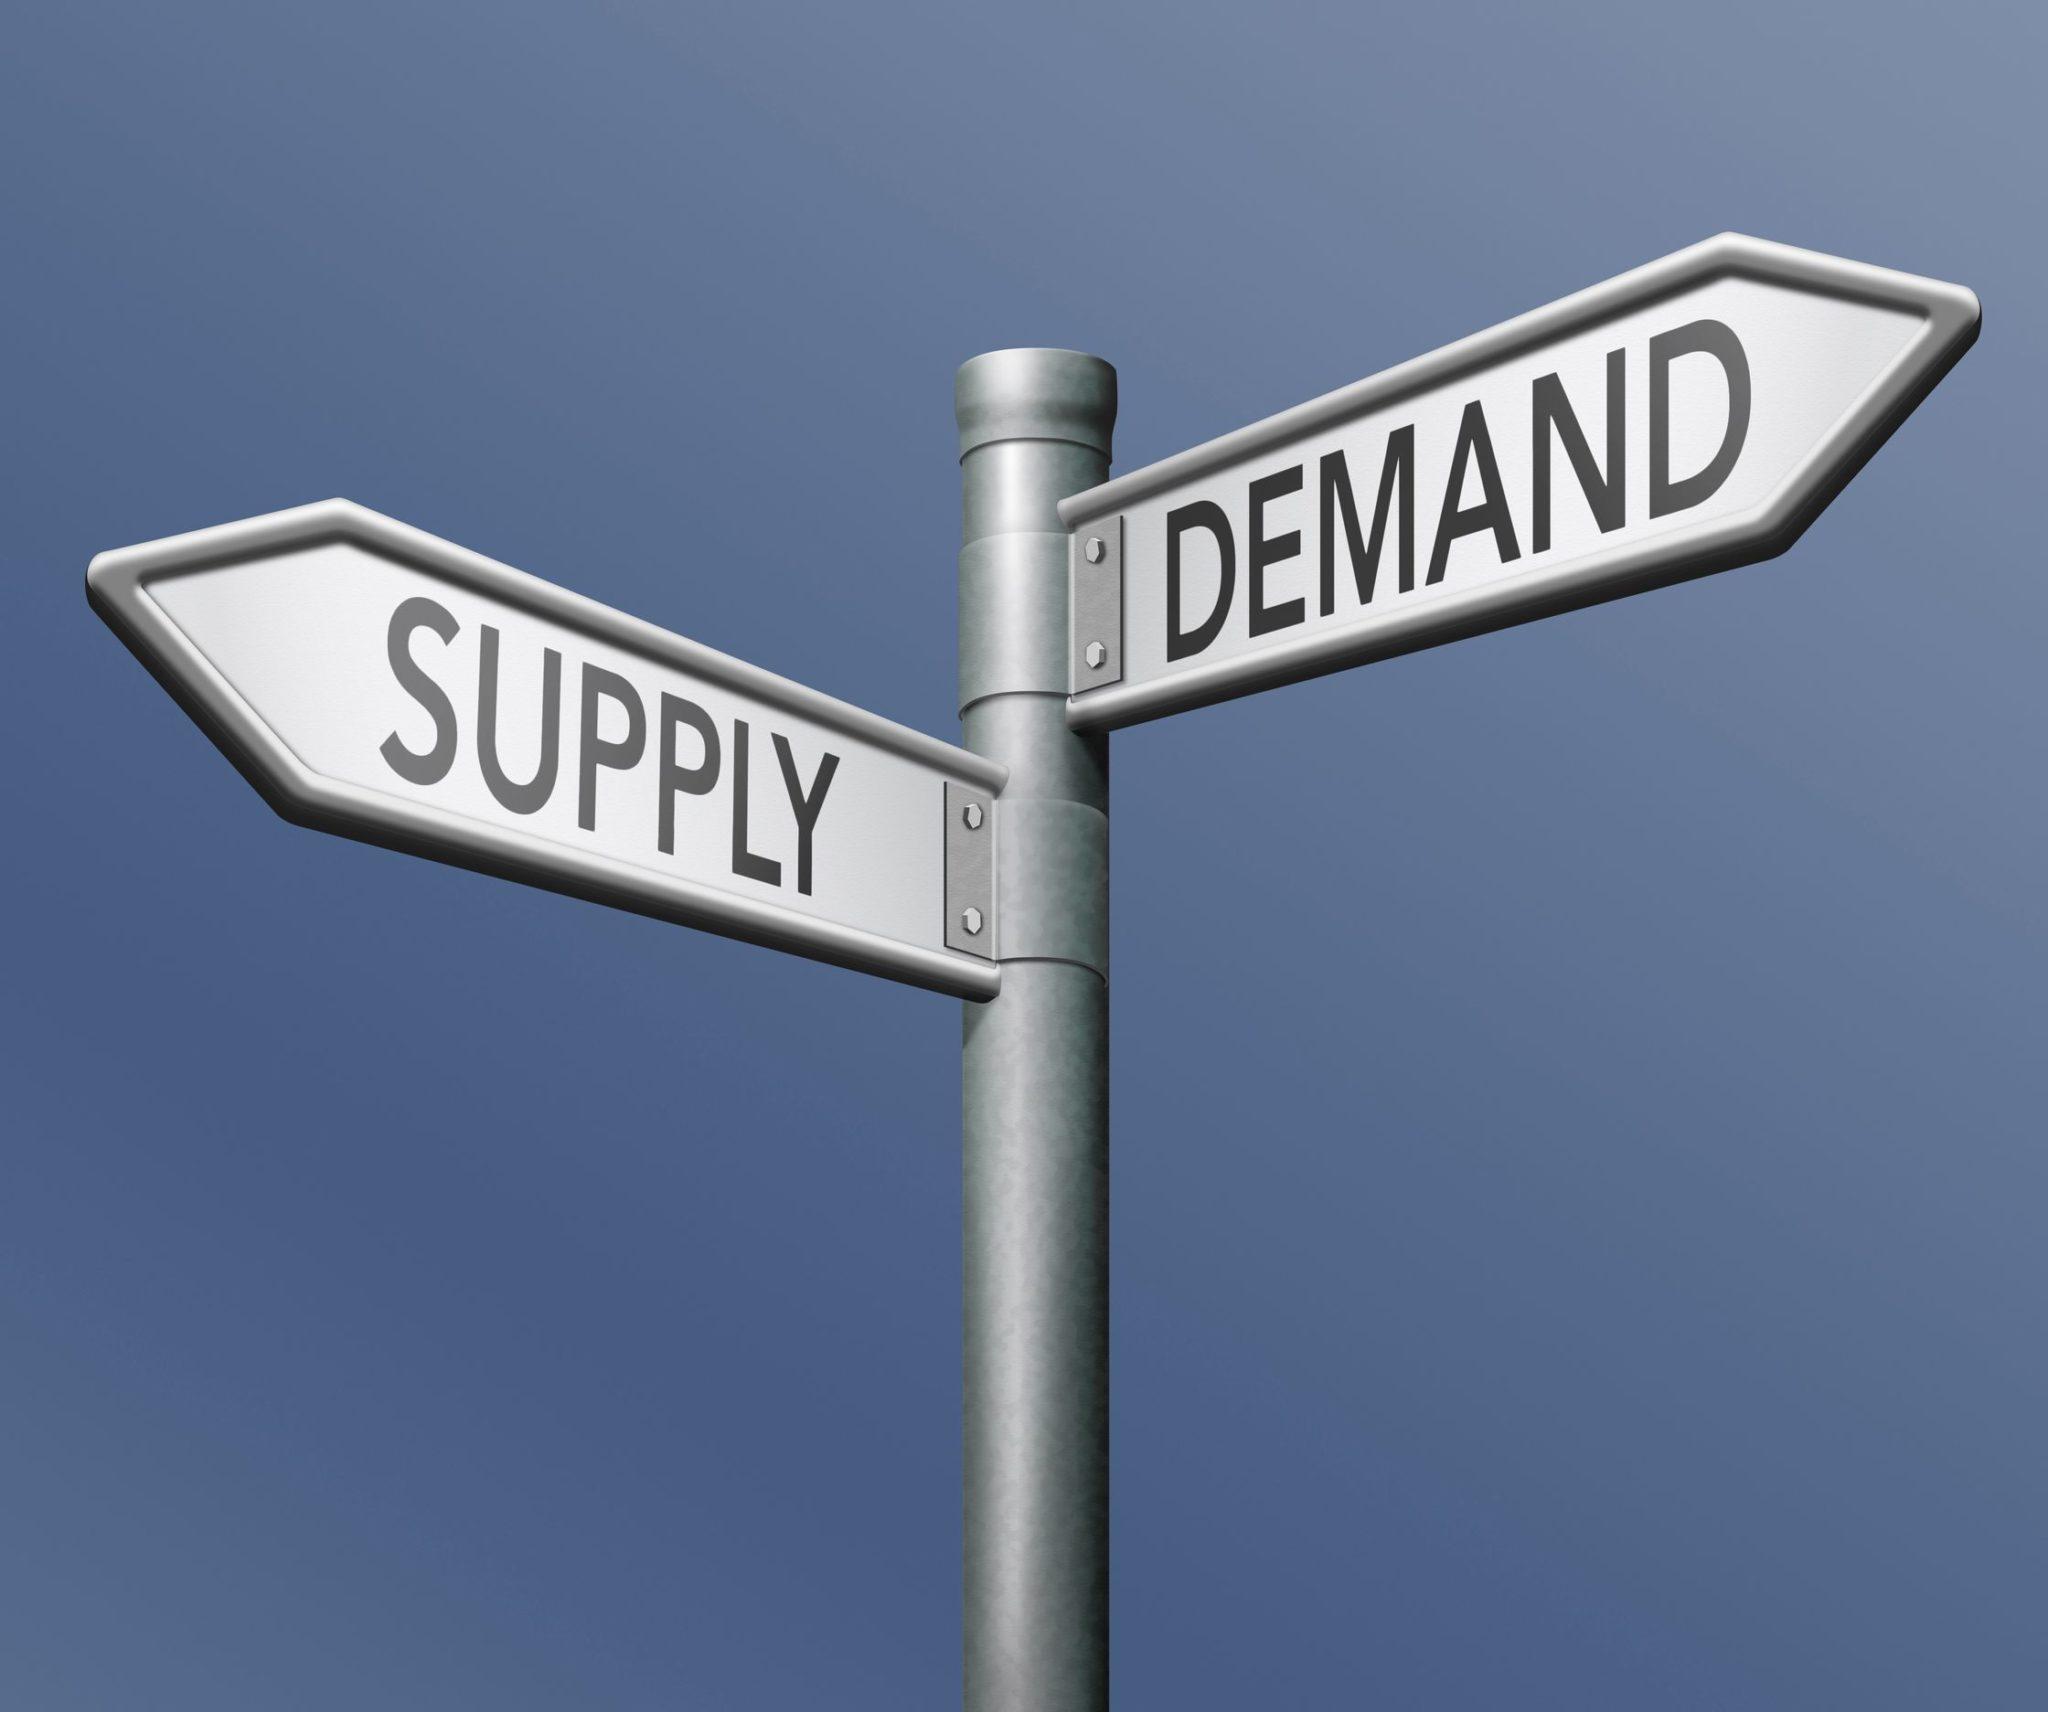 OPEC Receives a Painful Economics Lesson